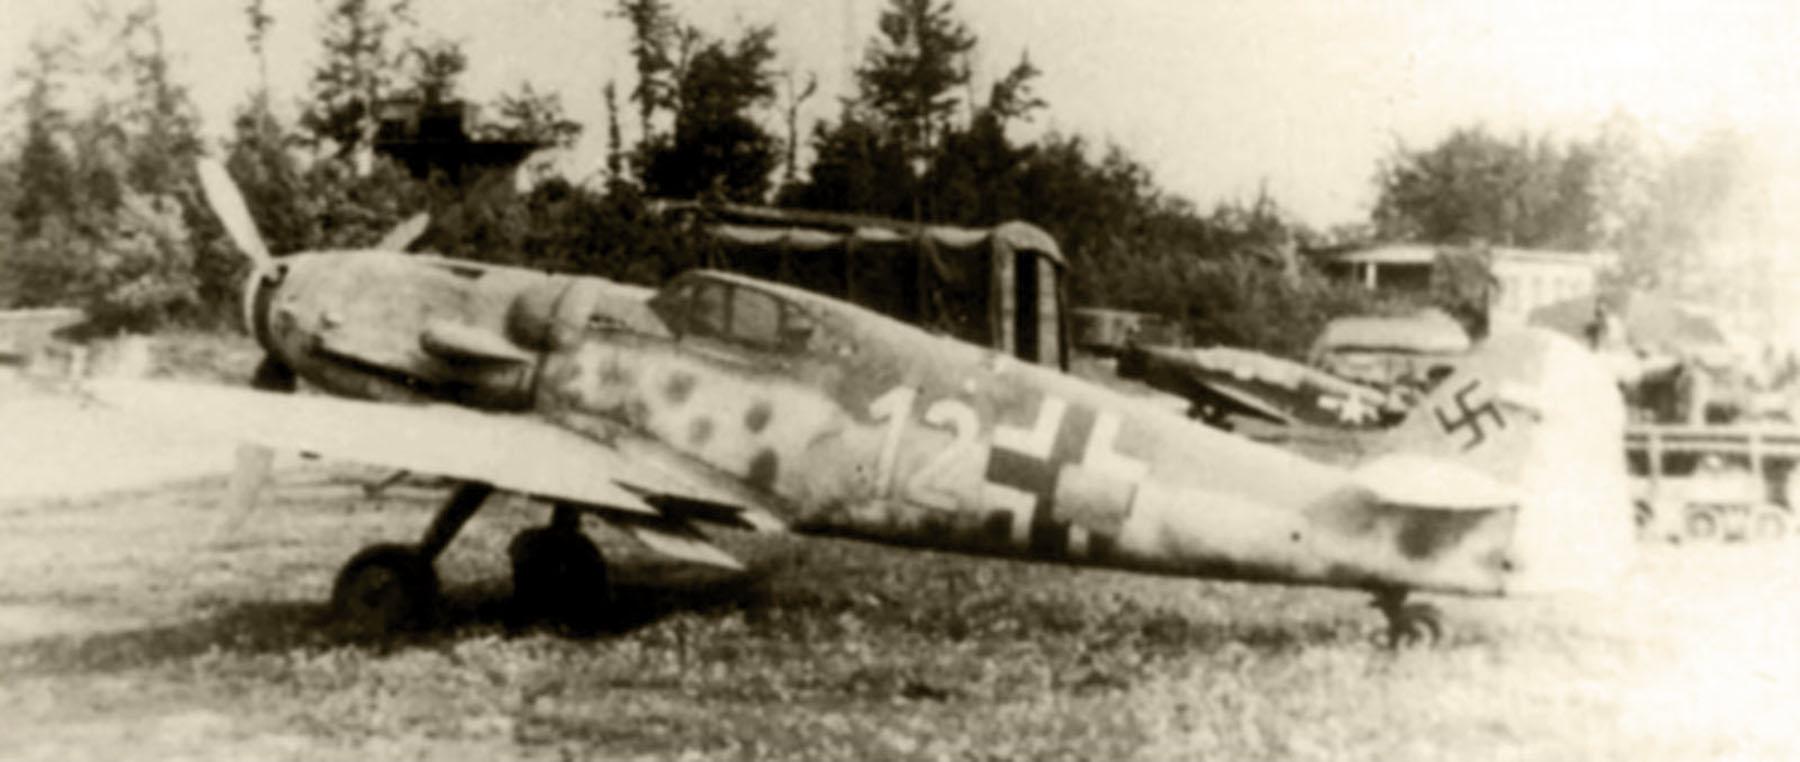 Messerschmitt Bf 109G14 Erla Reichsverteidigung Yellow 12 unknown unit 01